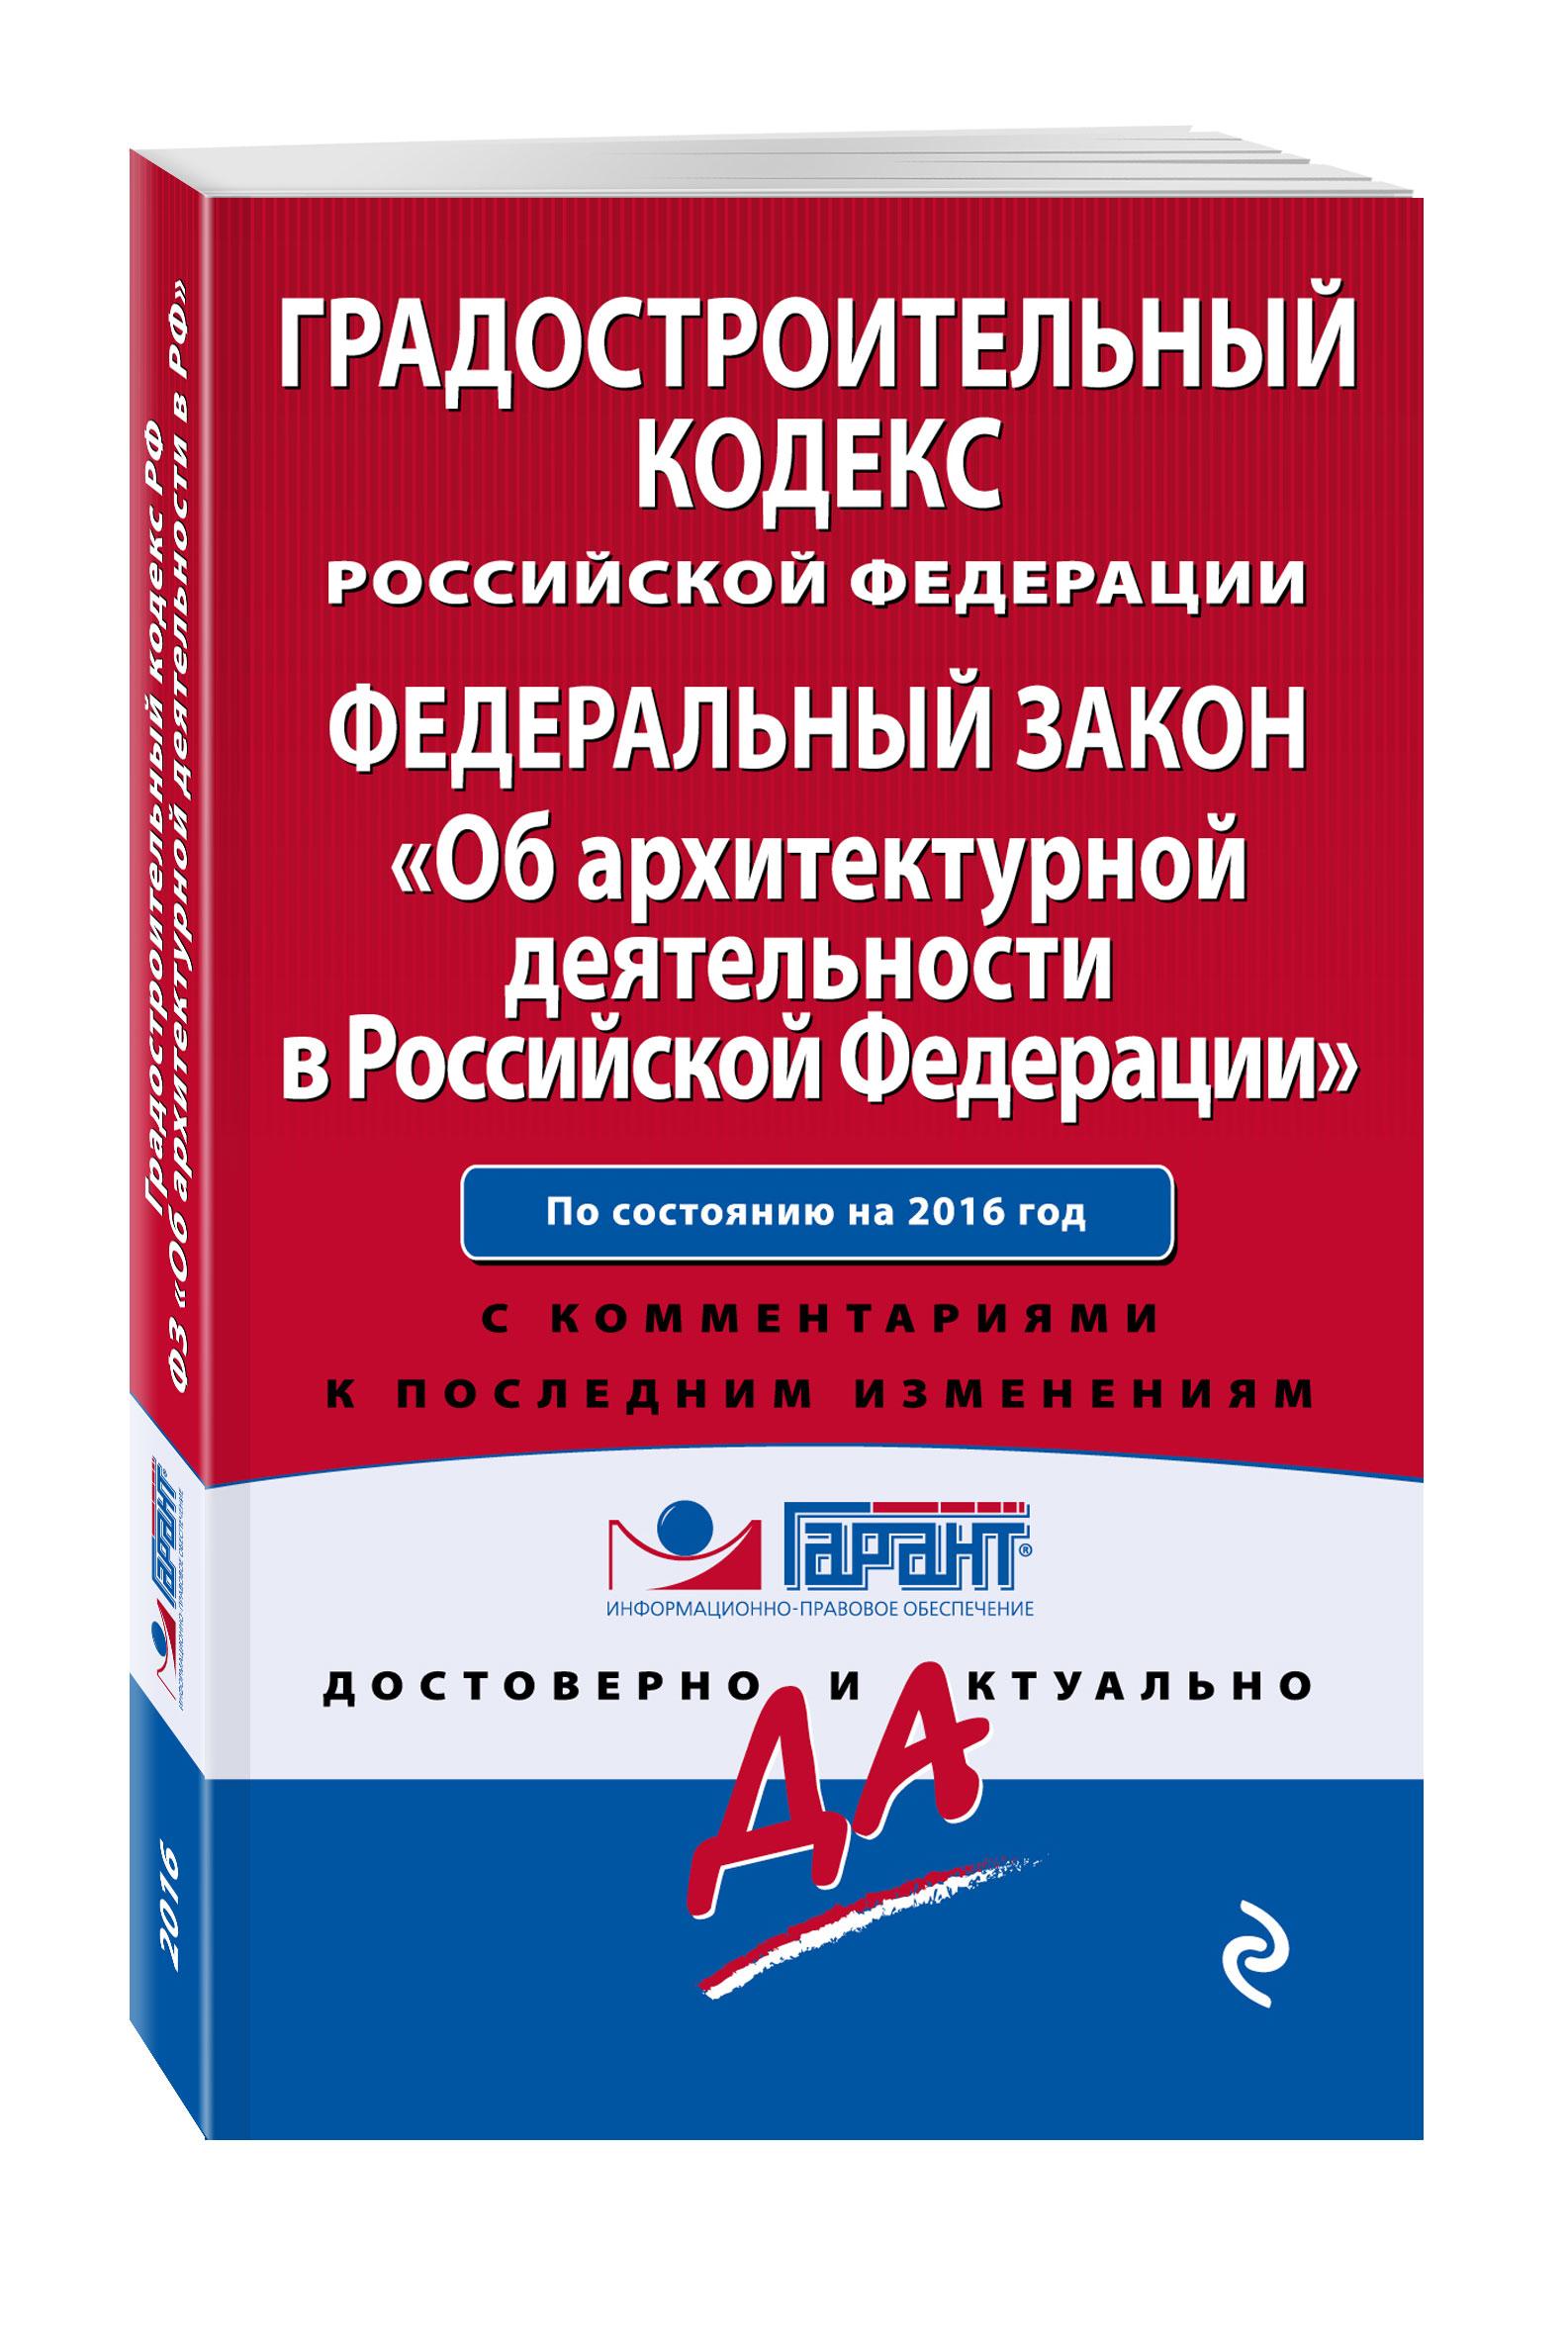 Градостроительный кодекс Российской Федерации. Федеральный закон